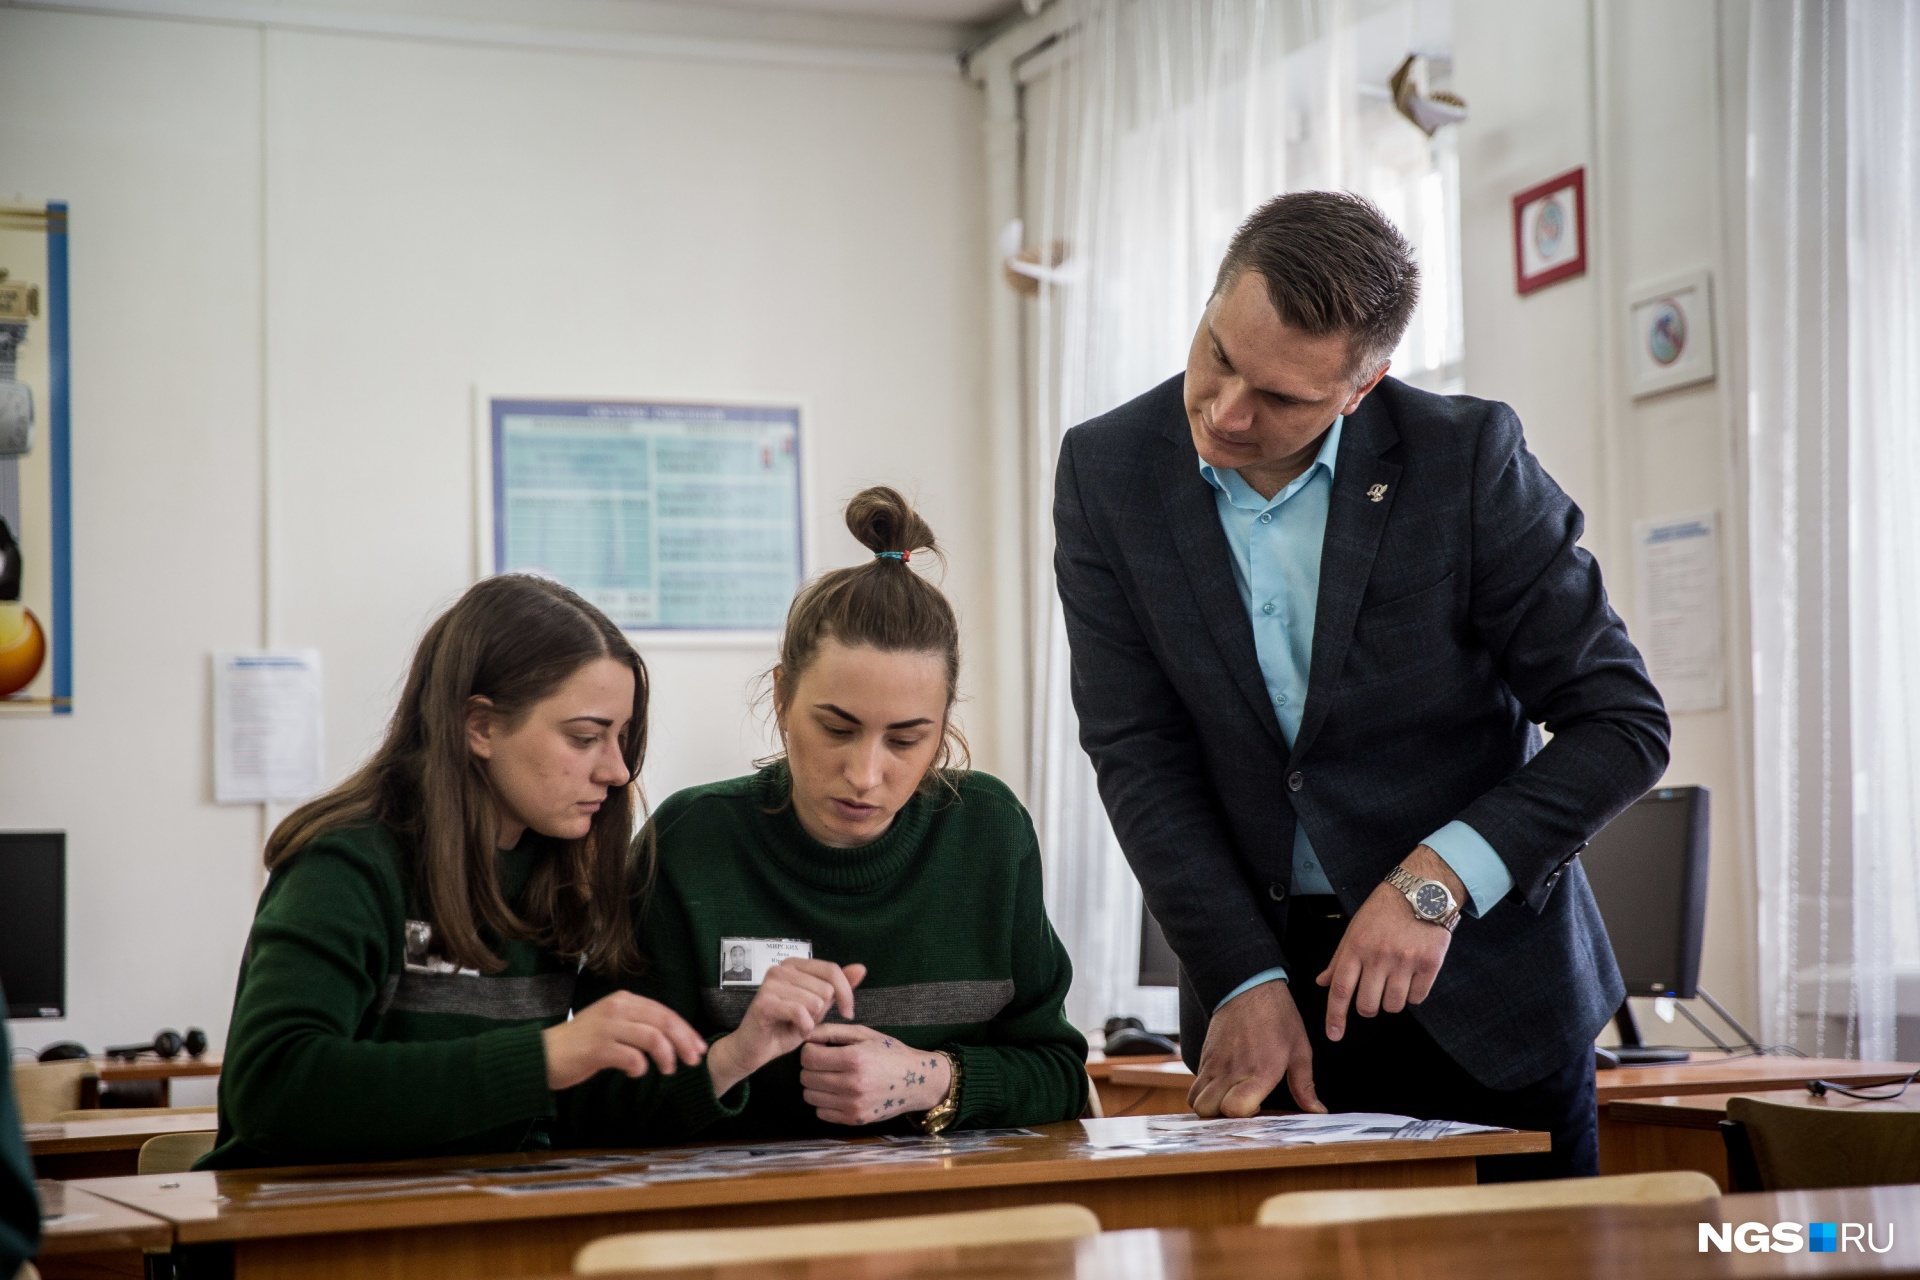 С ученицами Данилко говорит не только об истории, но и о правах человека